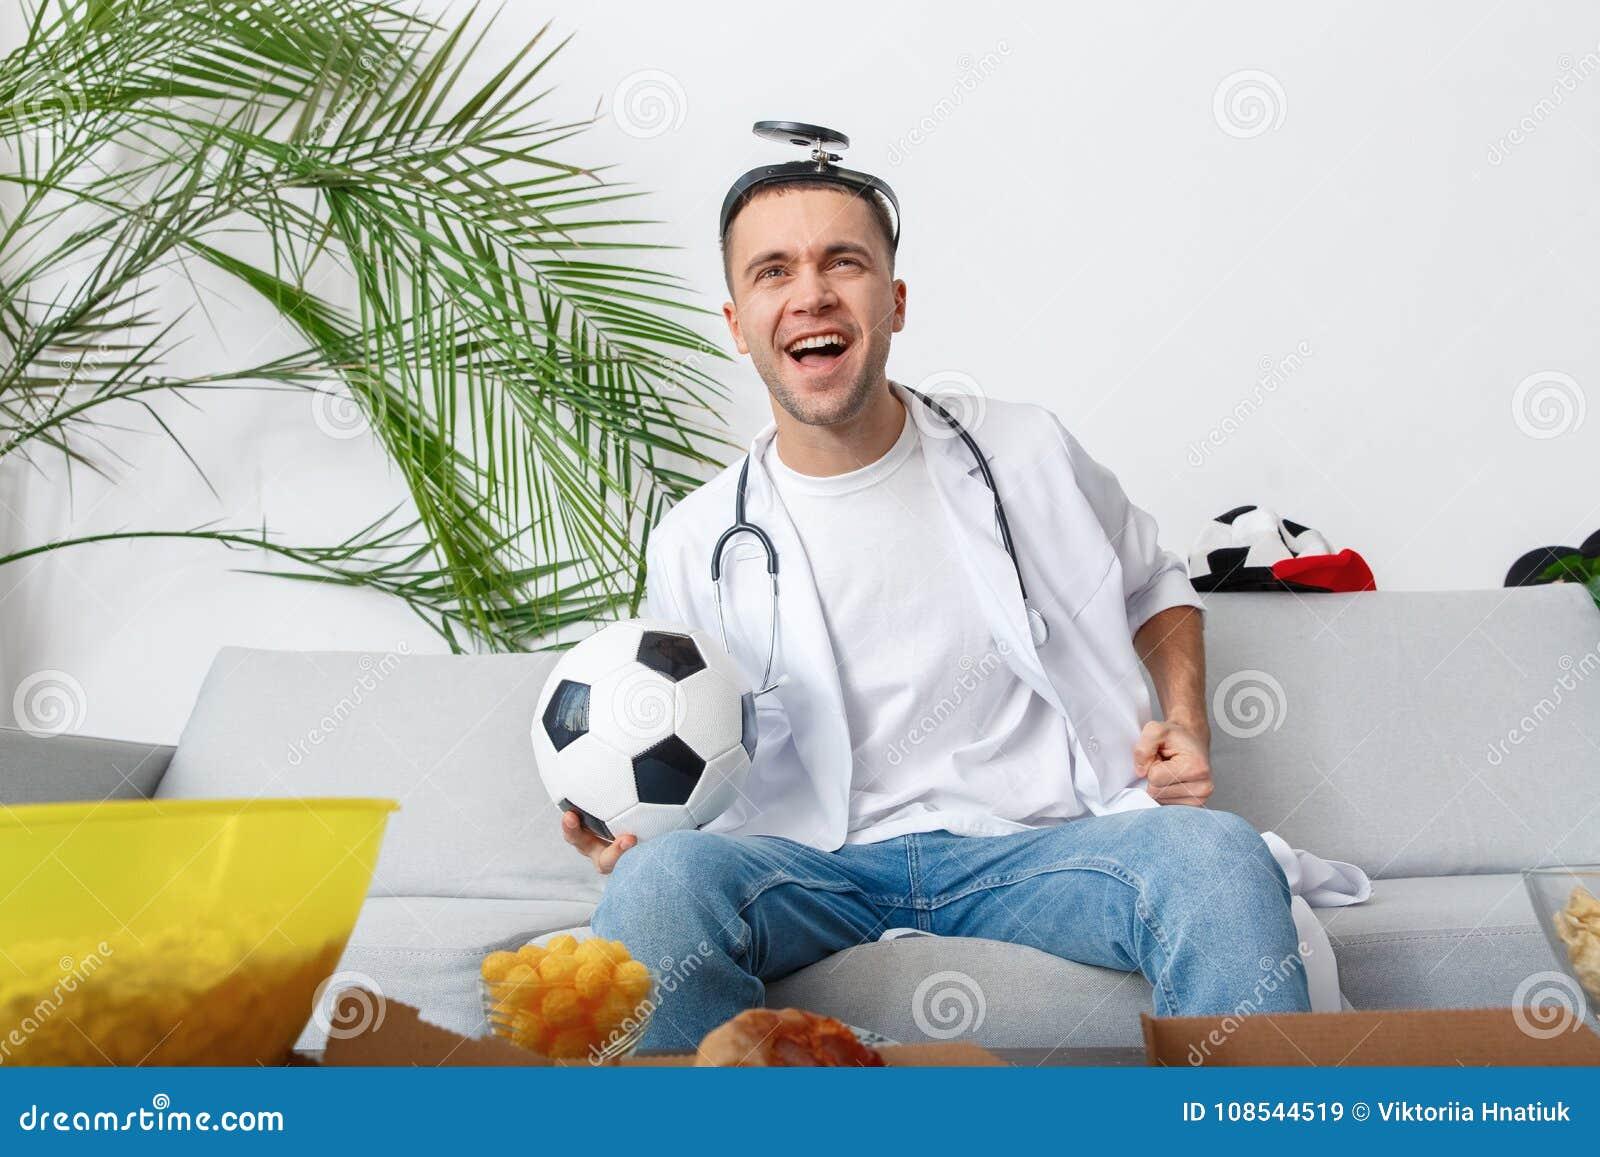 Adult match doctor.com